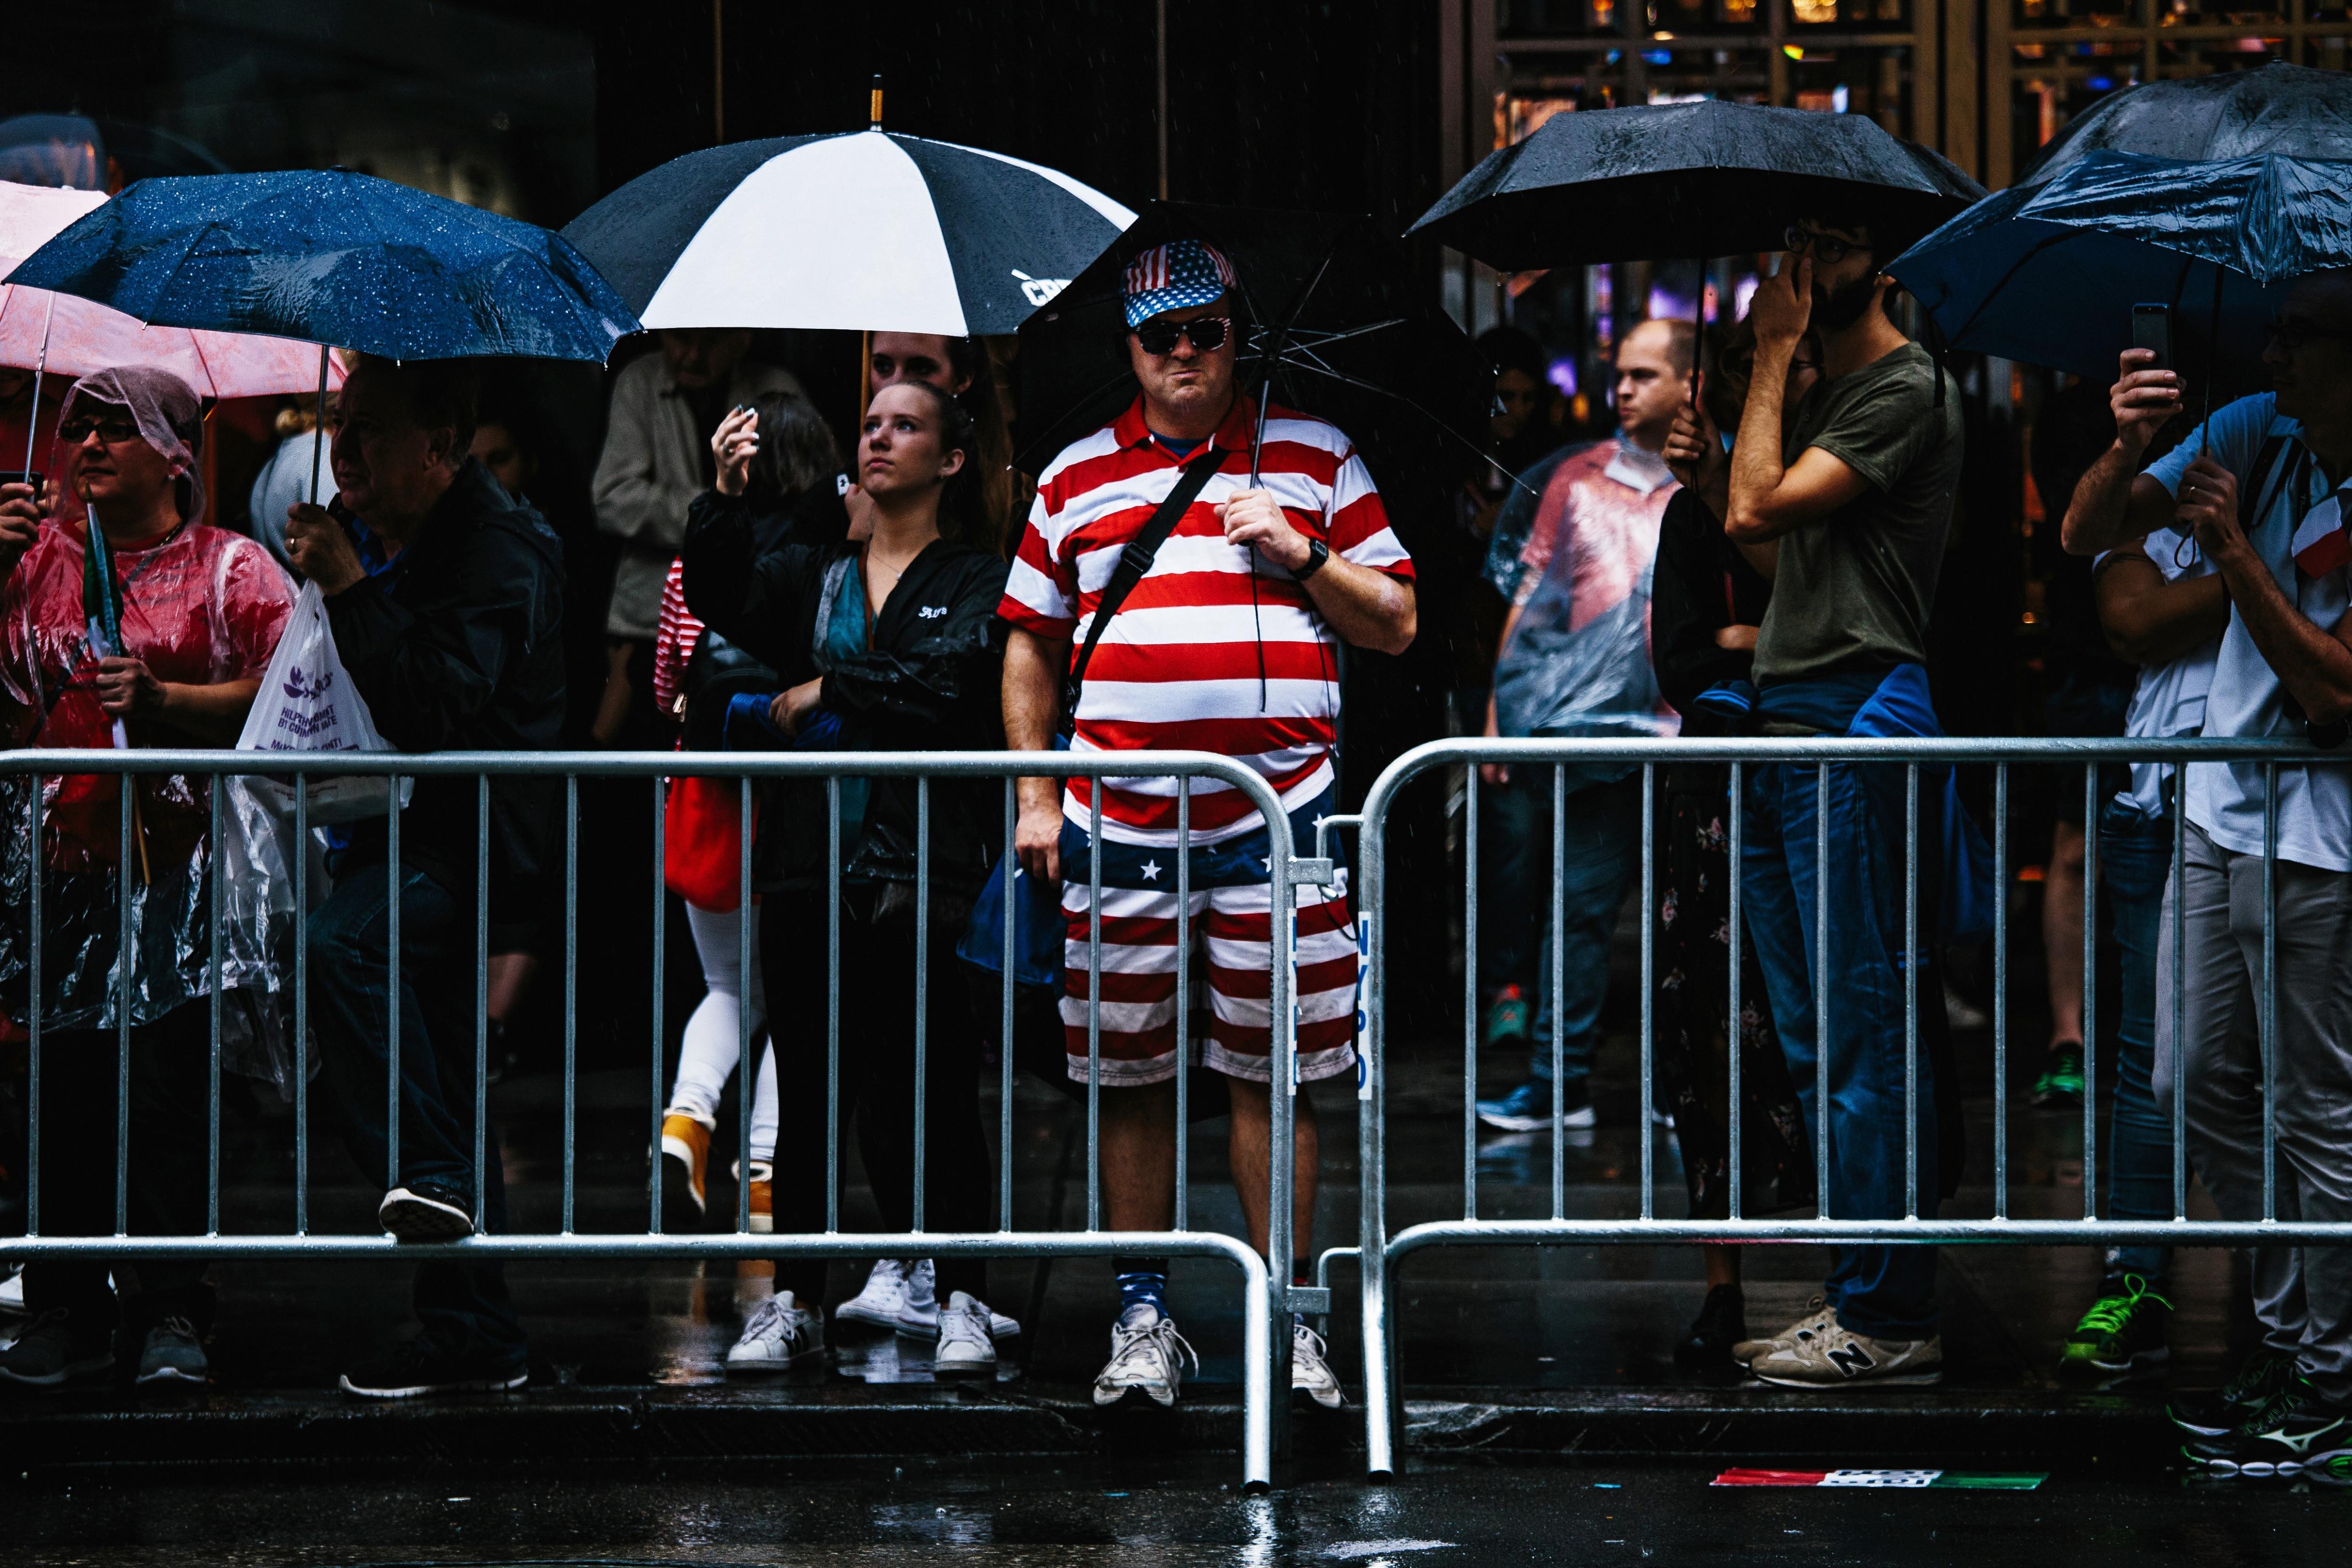 Un home vestit amb els colors de la bandera nord-americana assisteix a una marxa durant la Desfilada Anual del Columbus Day a Nova York (Estats Units). /ALBA VIGARAY